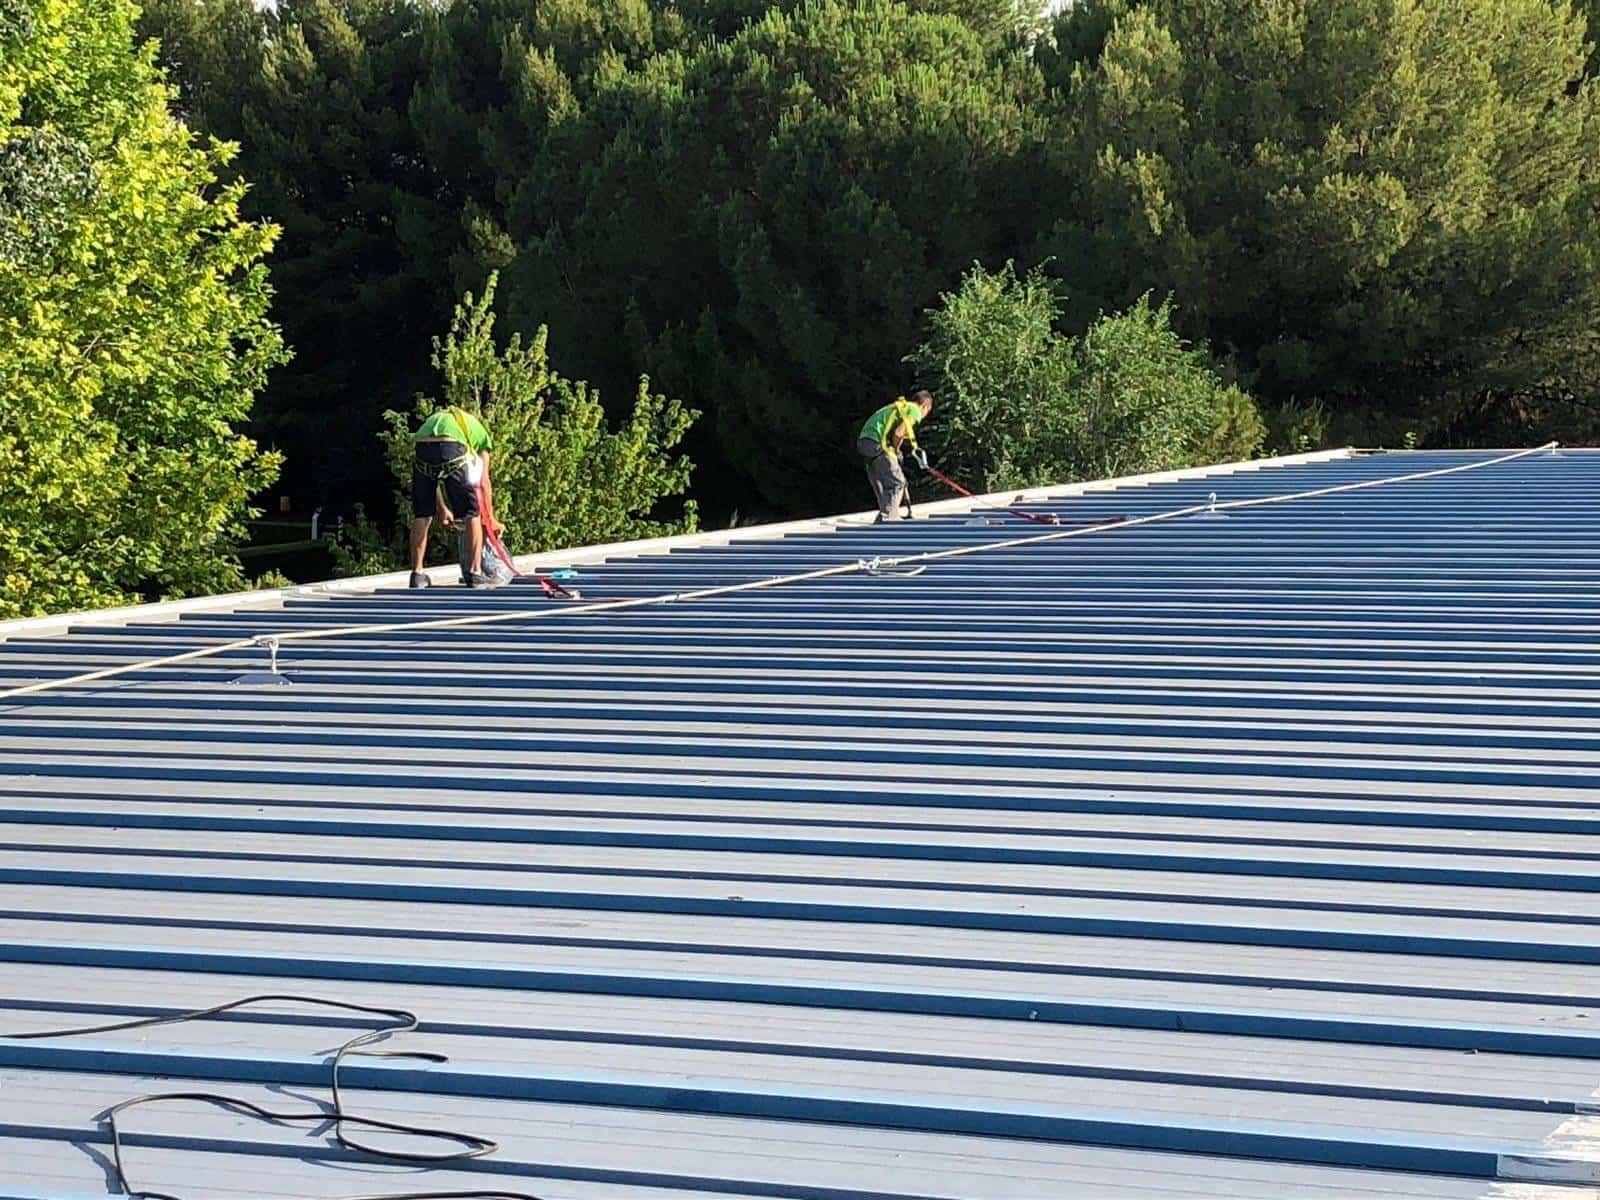 cubierta pabellon municipal herencia 1 - Impermeabilización de la cubierta del Pabellón Municipal de Herencia